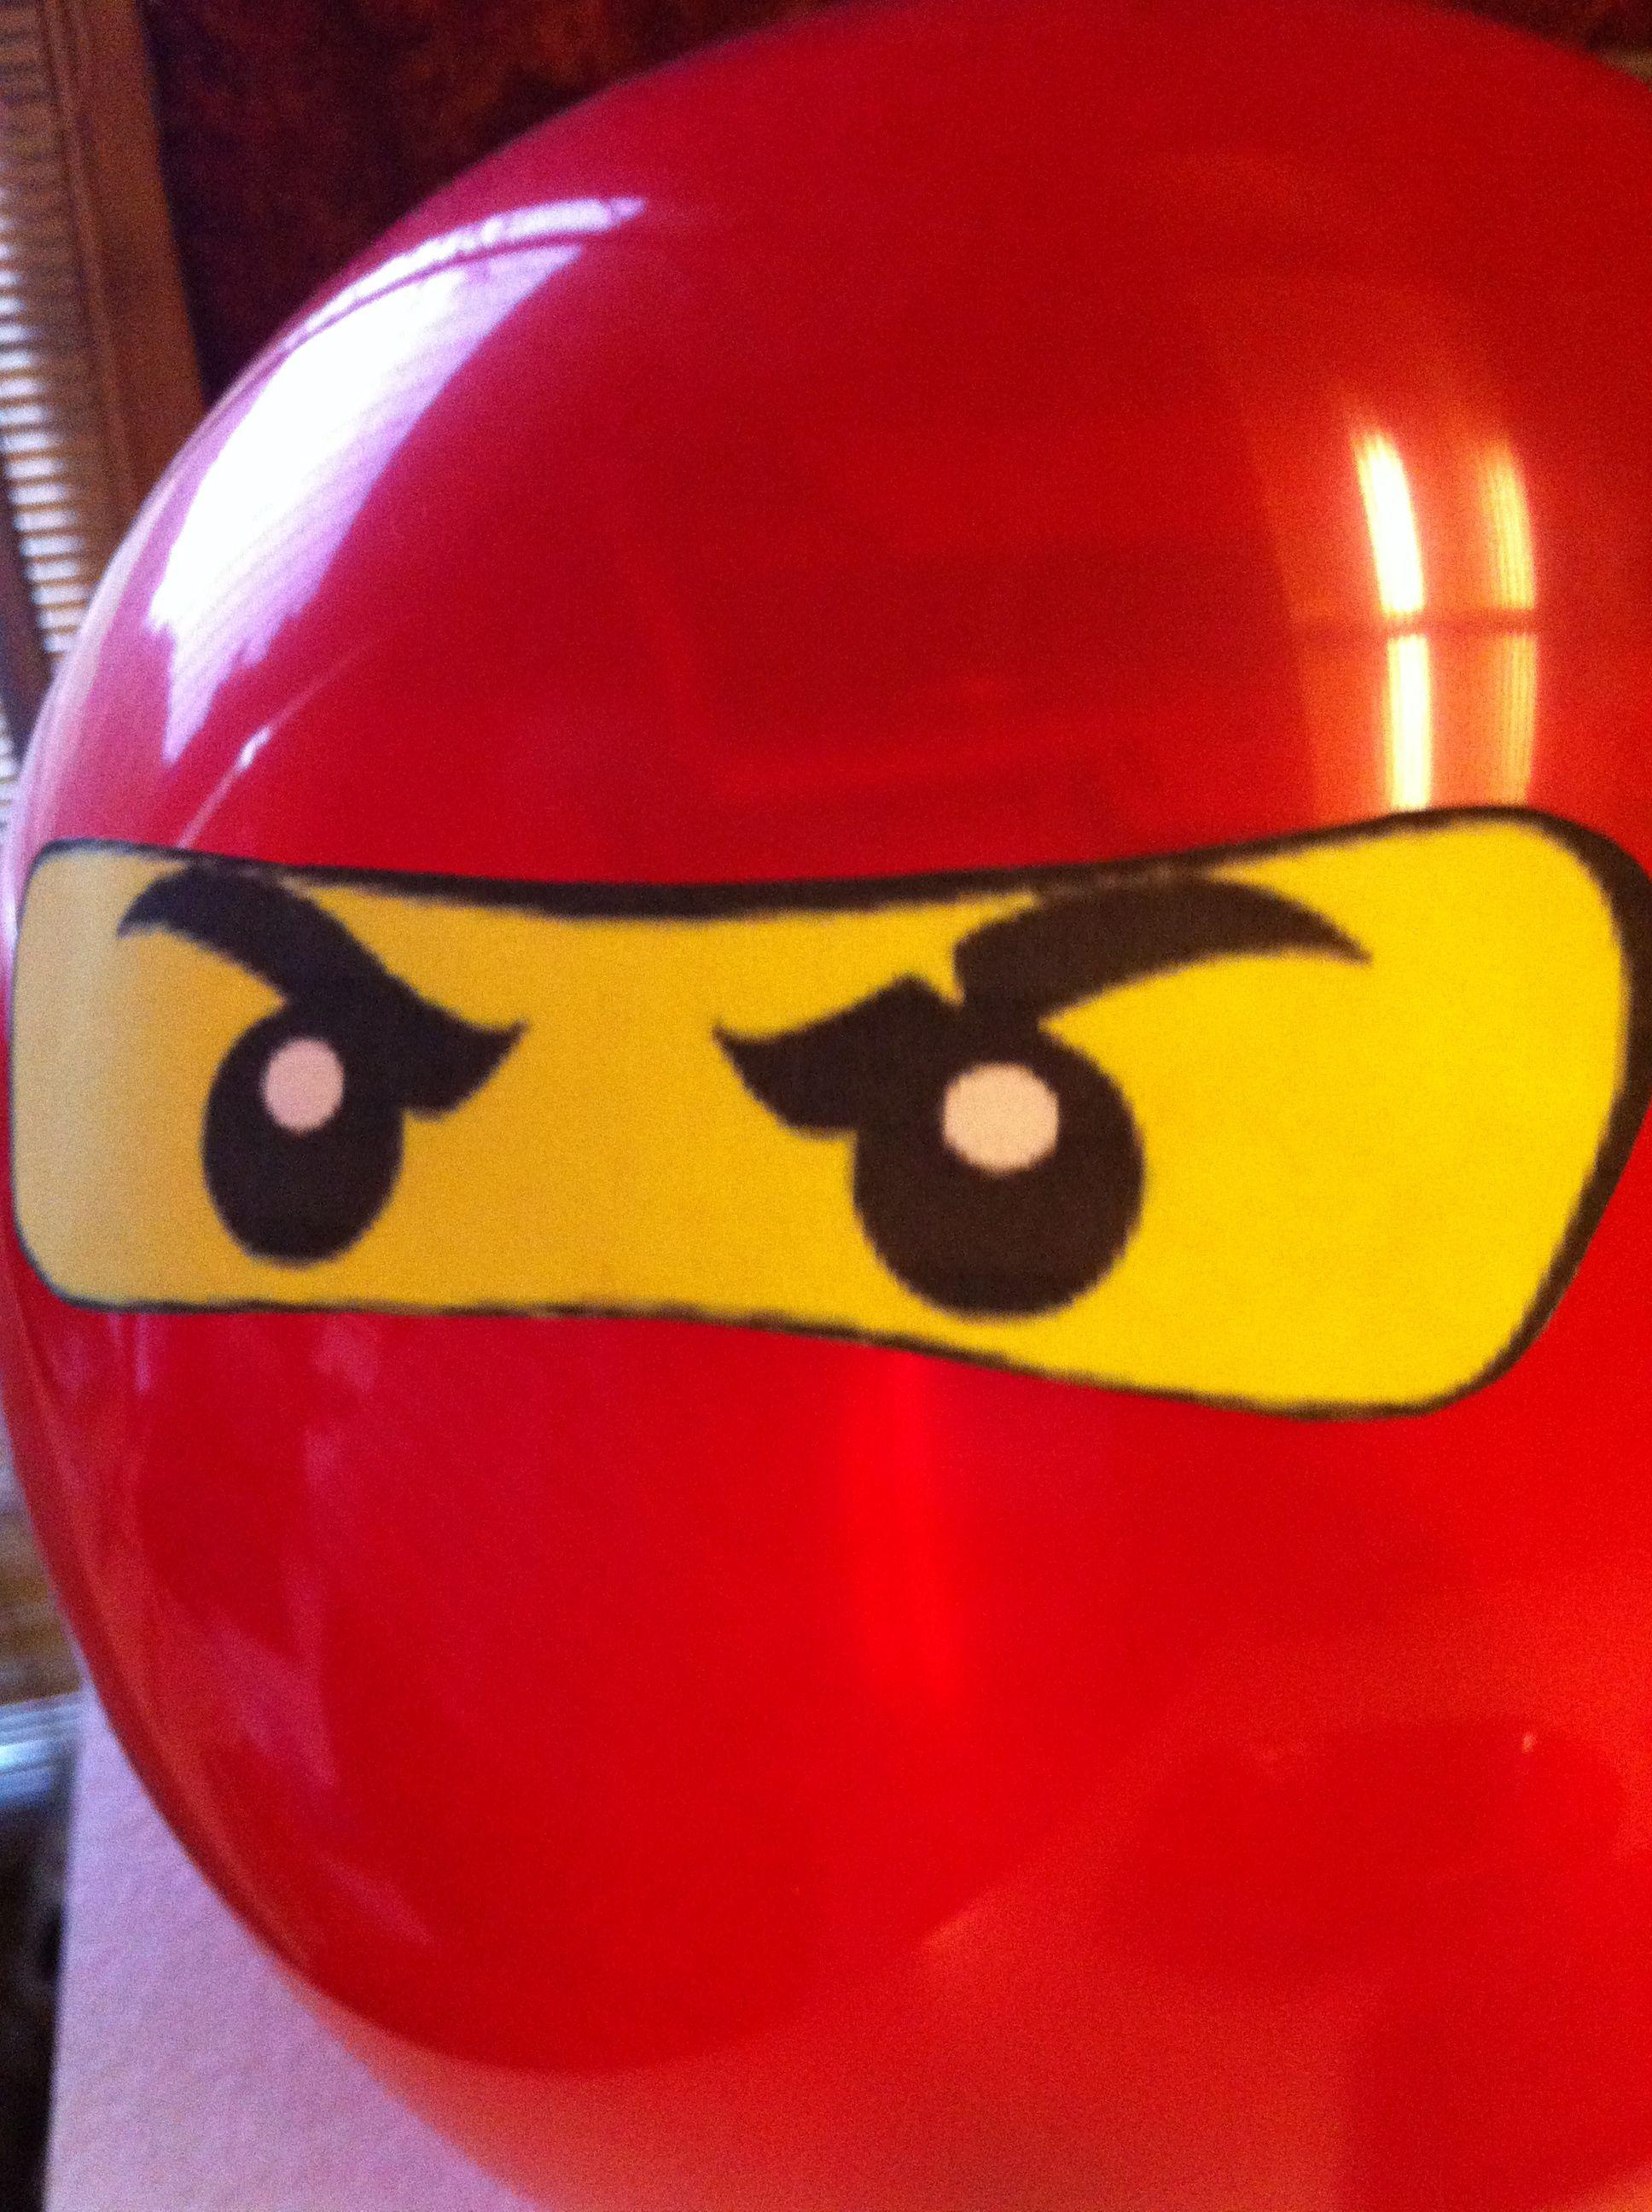 Ninjago Birthday Party Idea Print Out Lego Ninja Eyes And